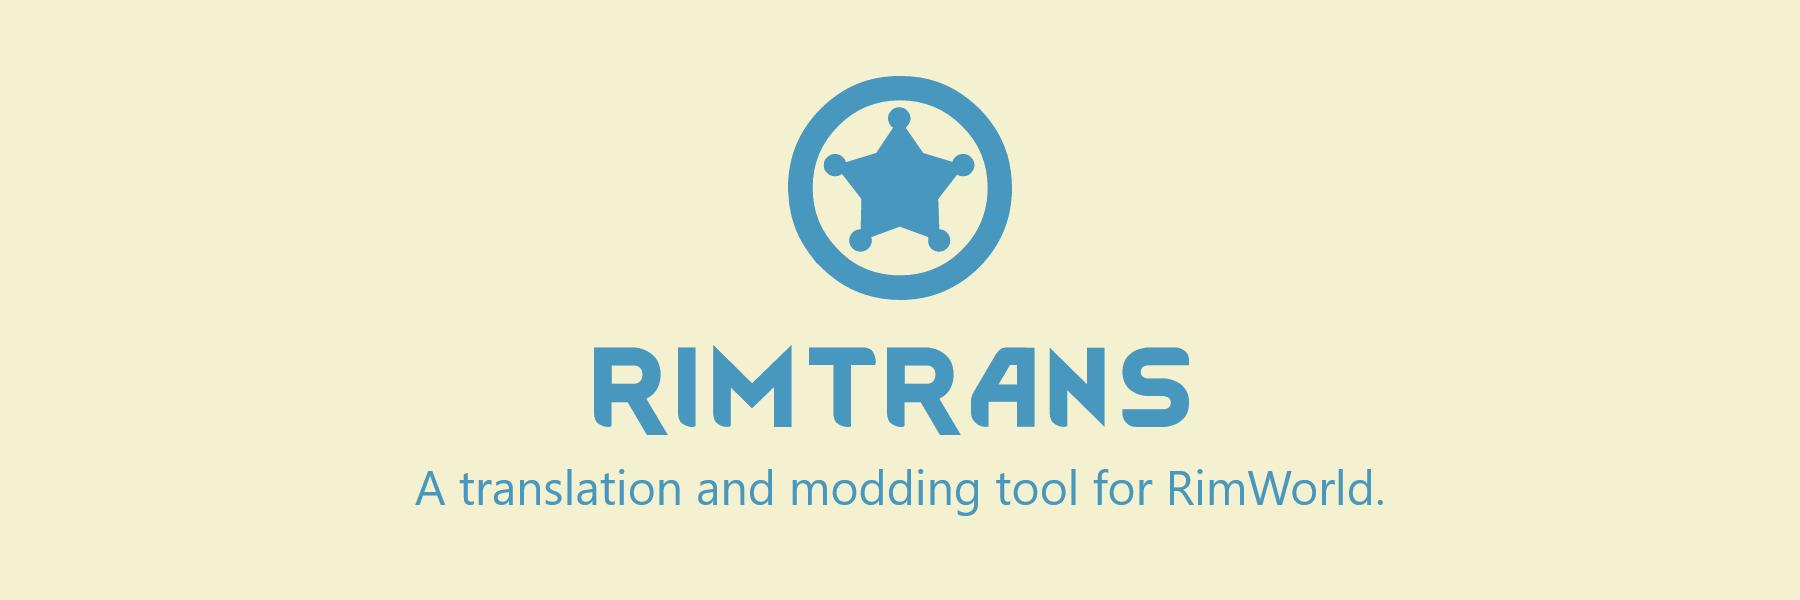 RimTrans